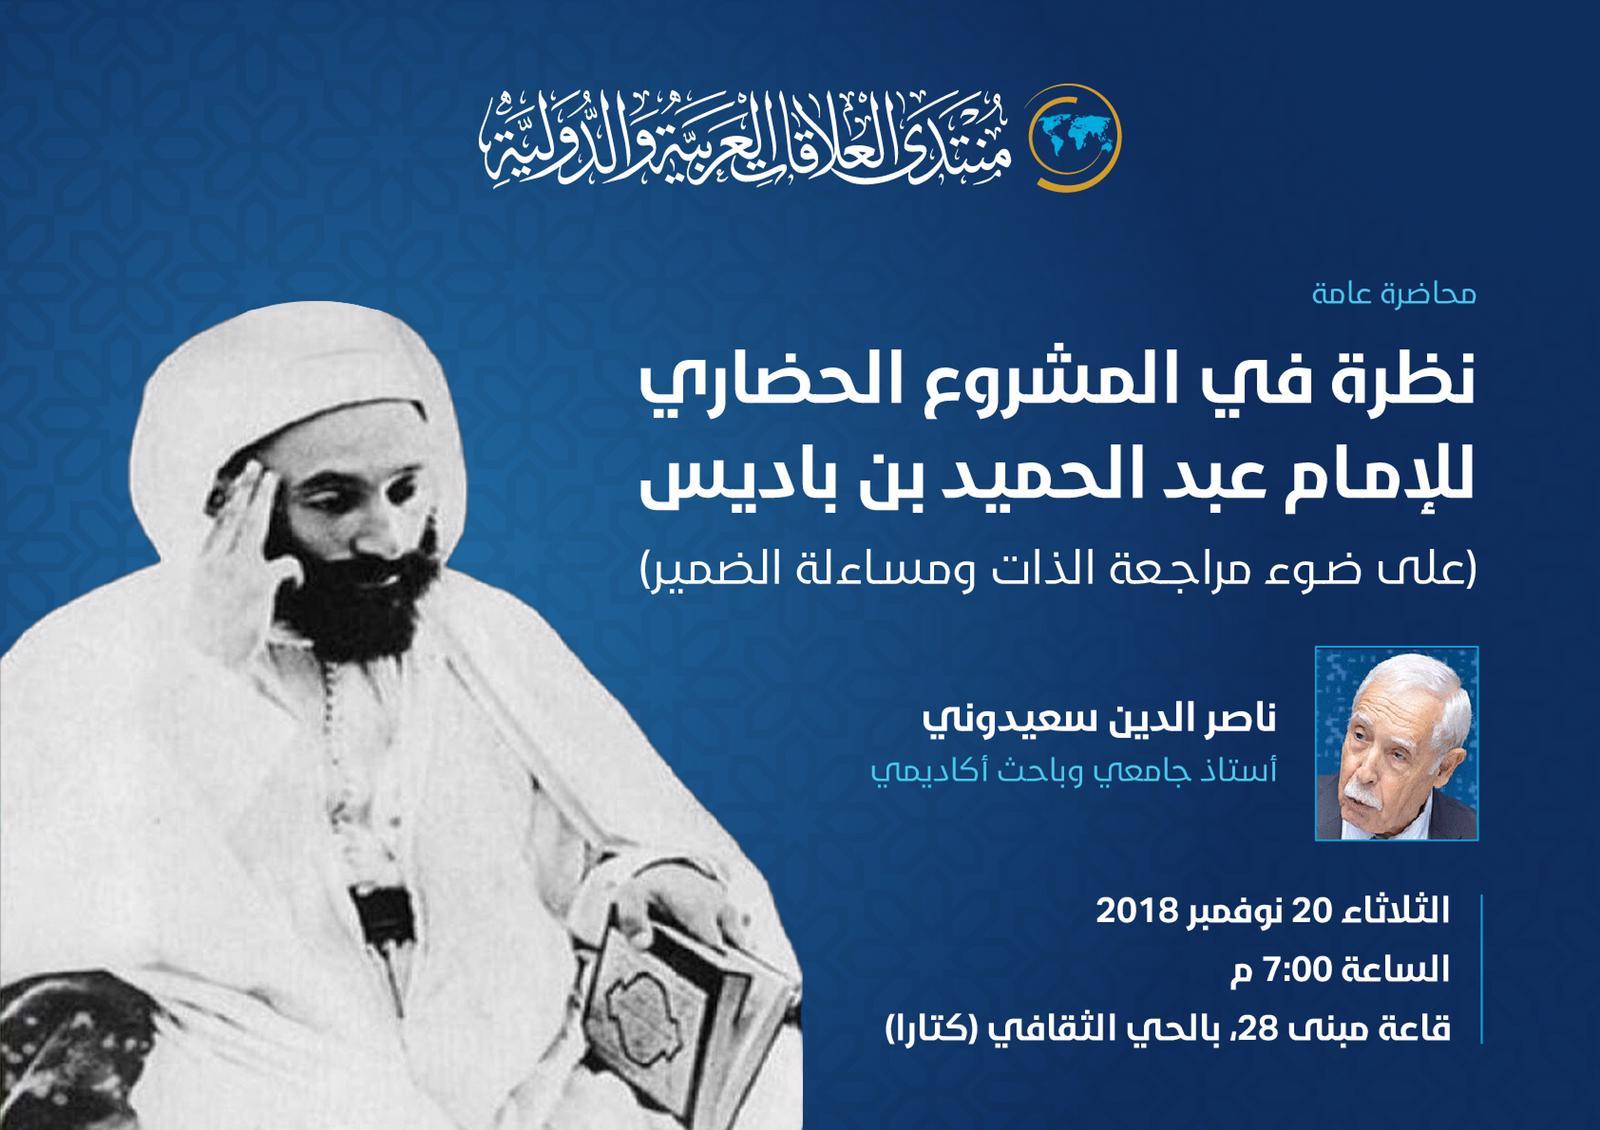 نظرة في المشروع الحضاري للإمام عبد الحميد بن باديس